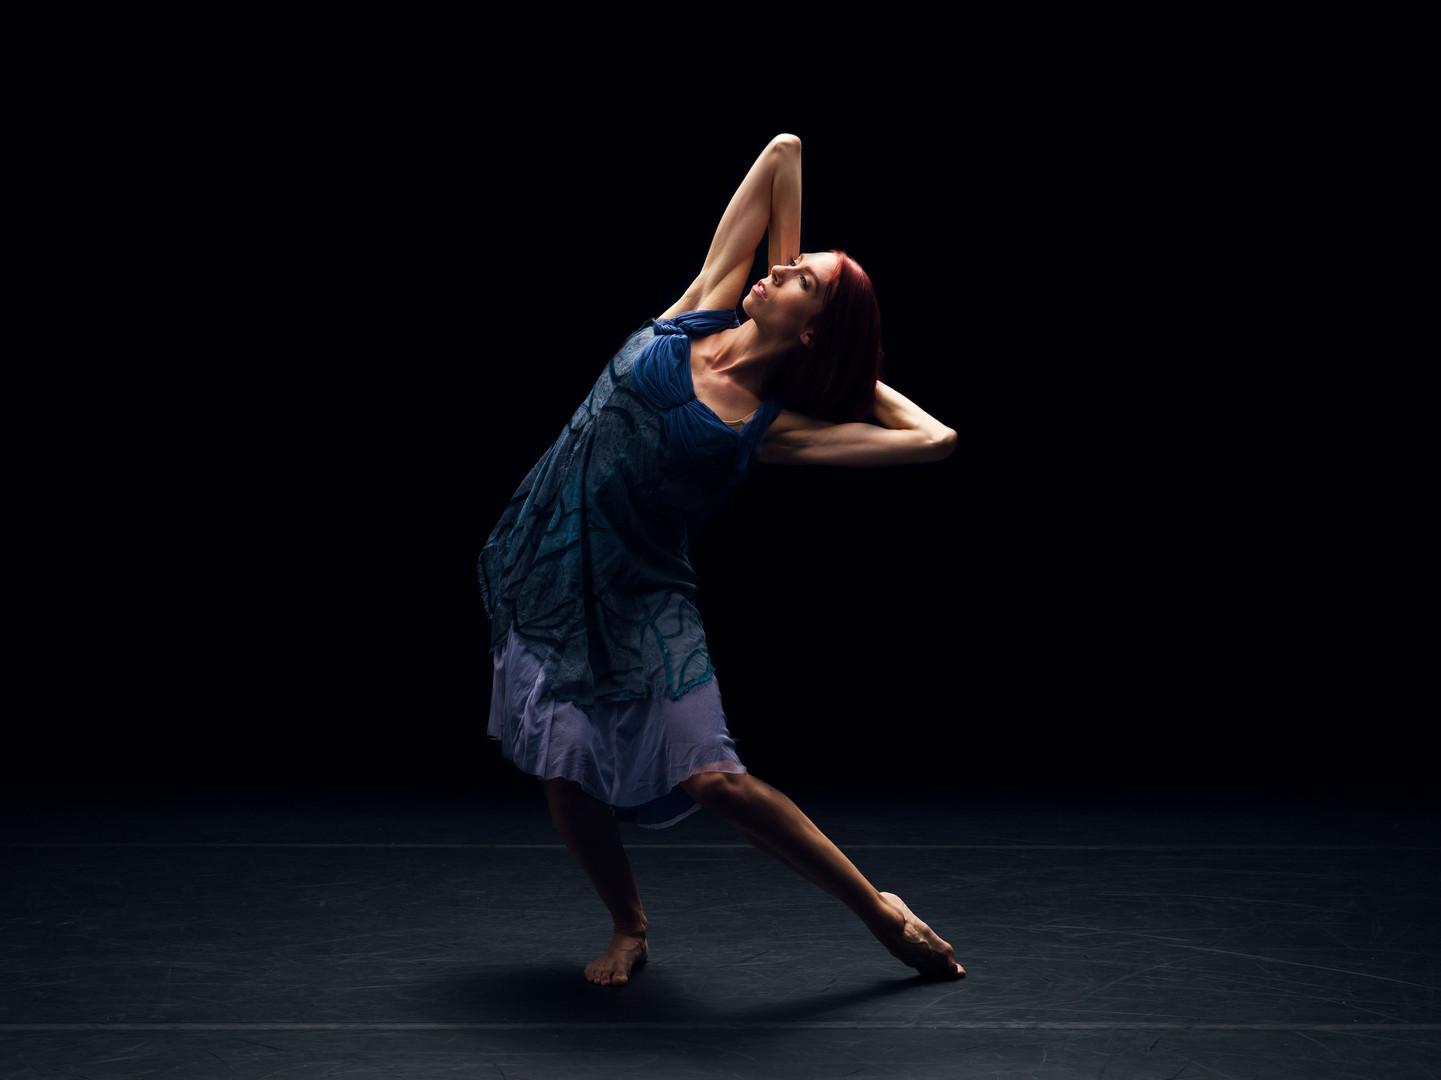 Nickerson-Rossi Dance